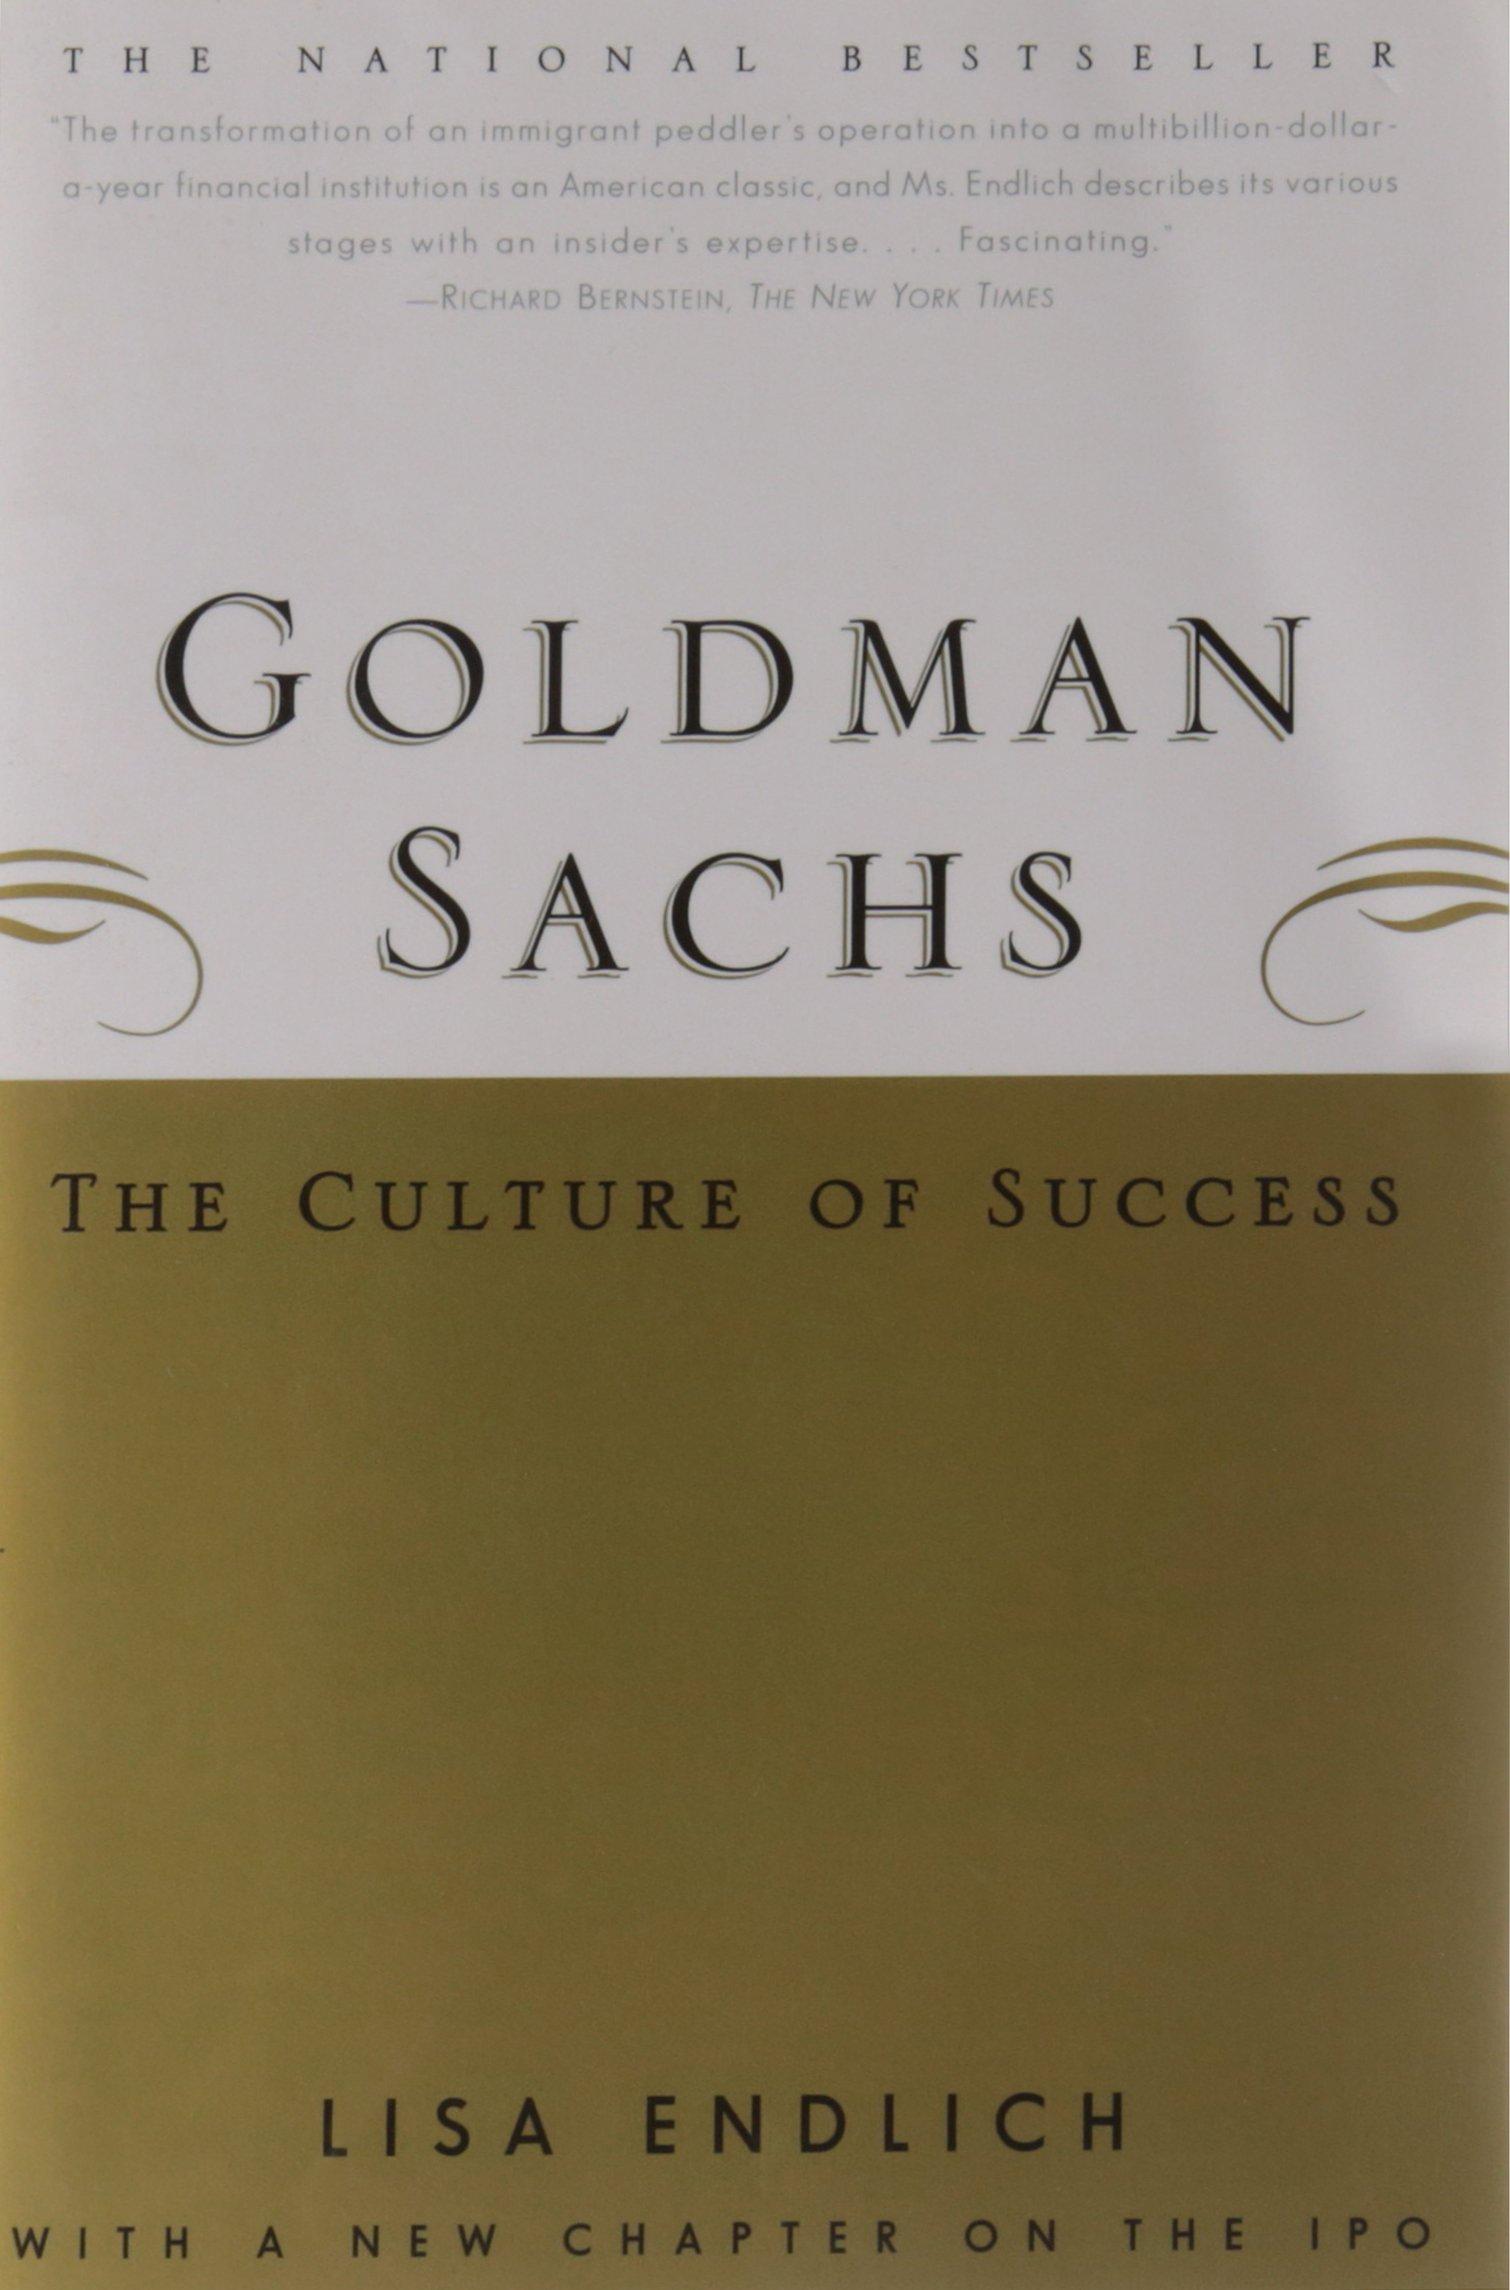 Goldman sachs the culture of success livros na amazon brasil goldman sachs the culture of success livros na amazon brasil 9780684869681 fandeluxe Image collections